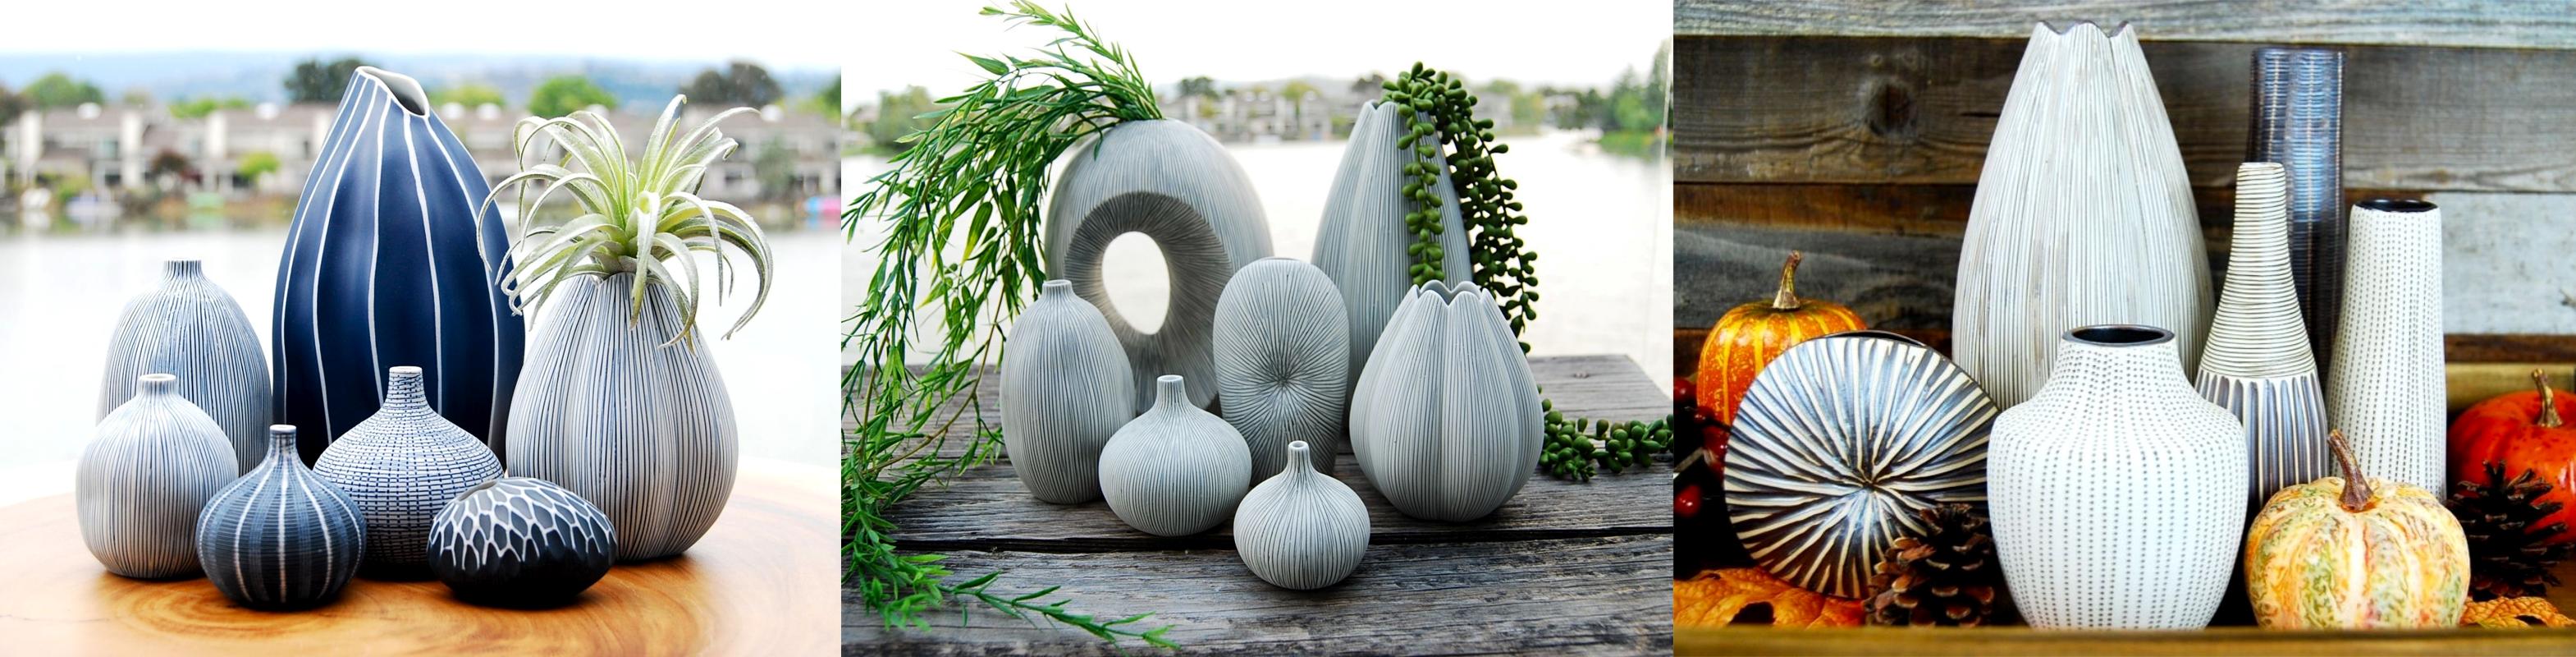 Hand Made Designer Ceramic Home Décor Vases